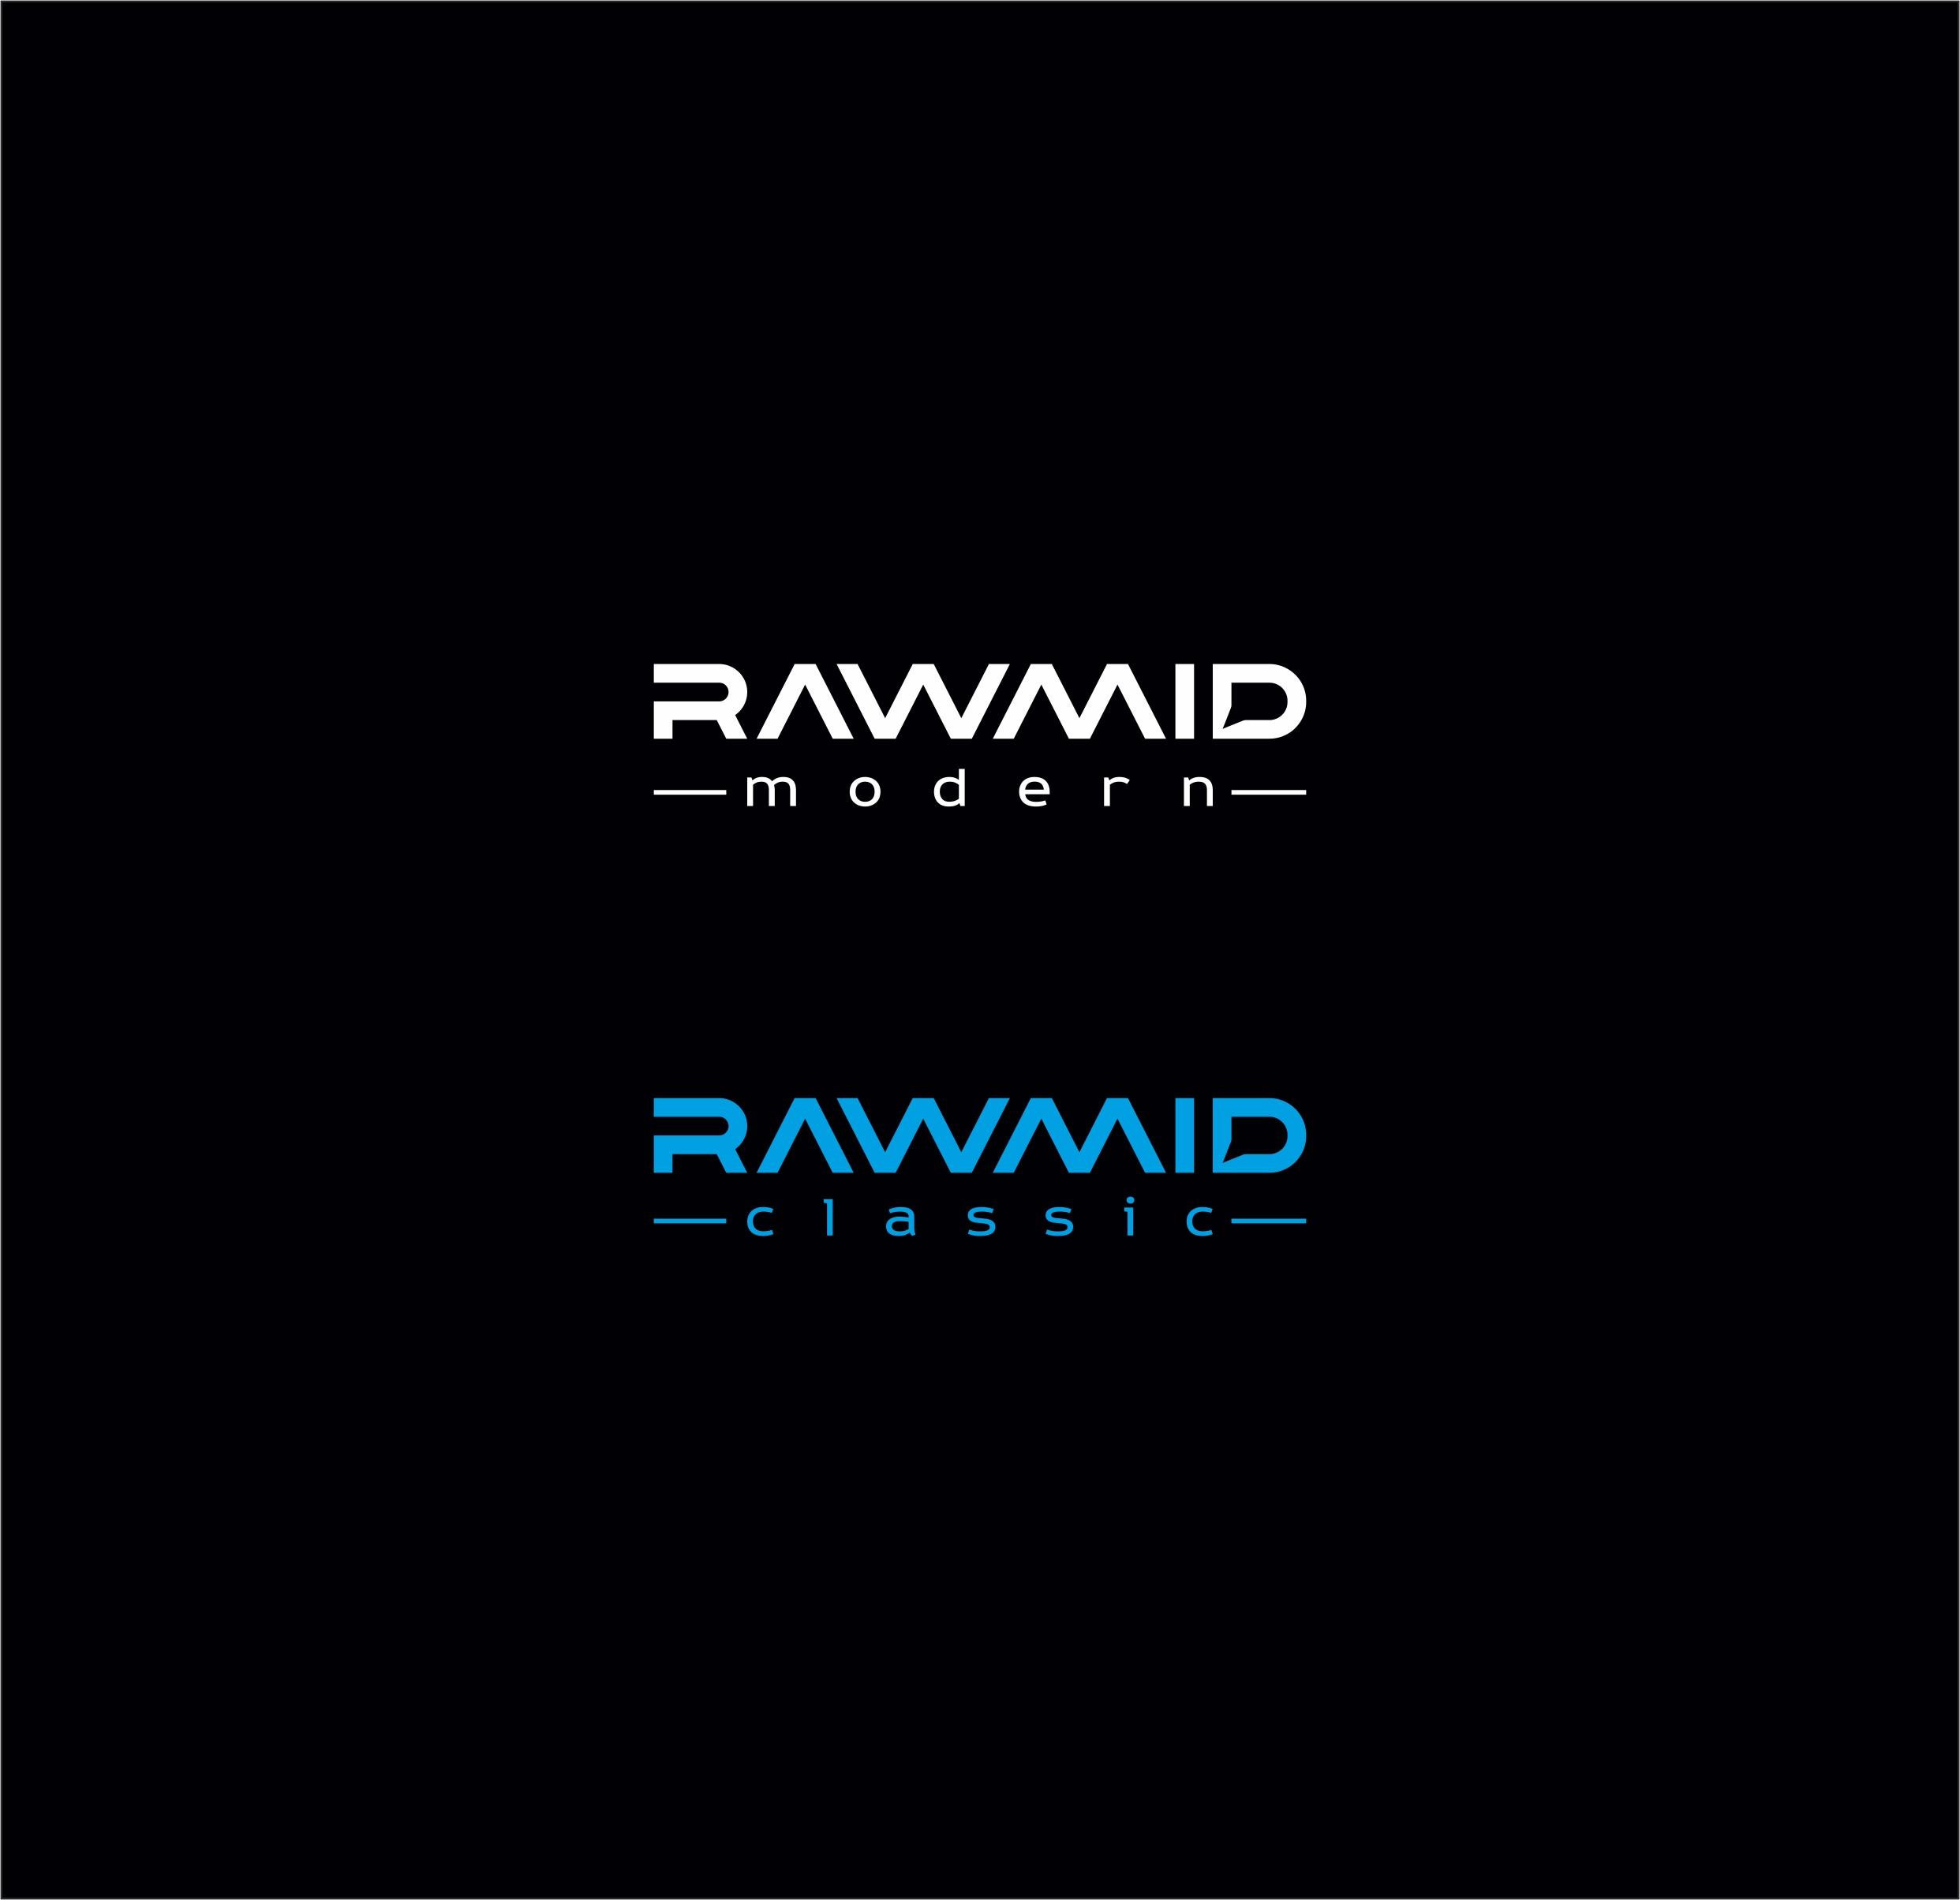 Создать логотип (буквенная часть) для бренда бытовой техники фото f_7785b35c2592258f.jpg